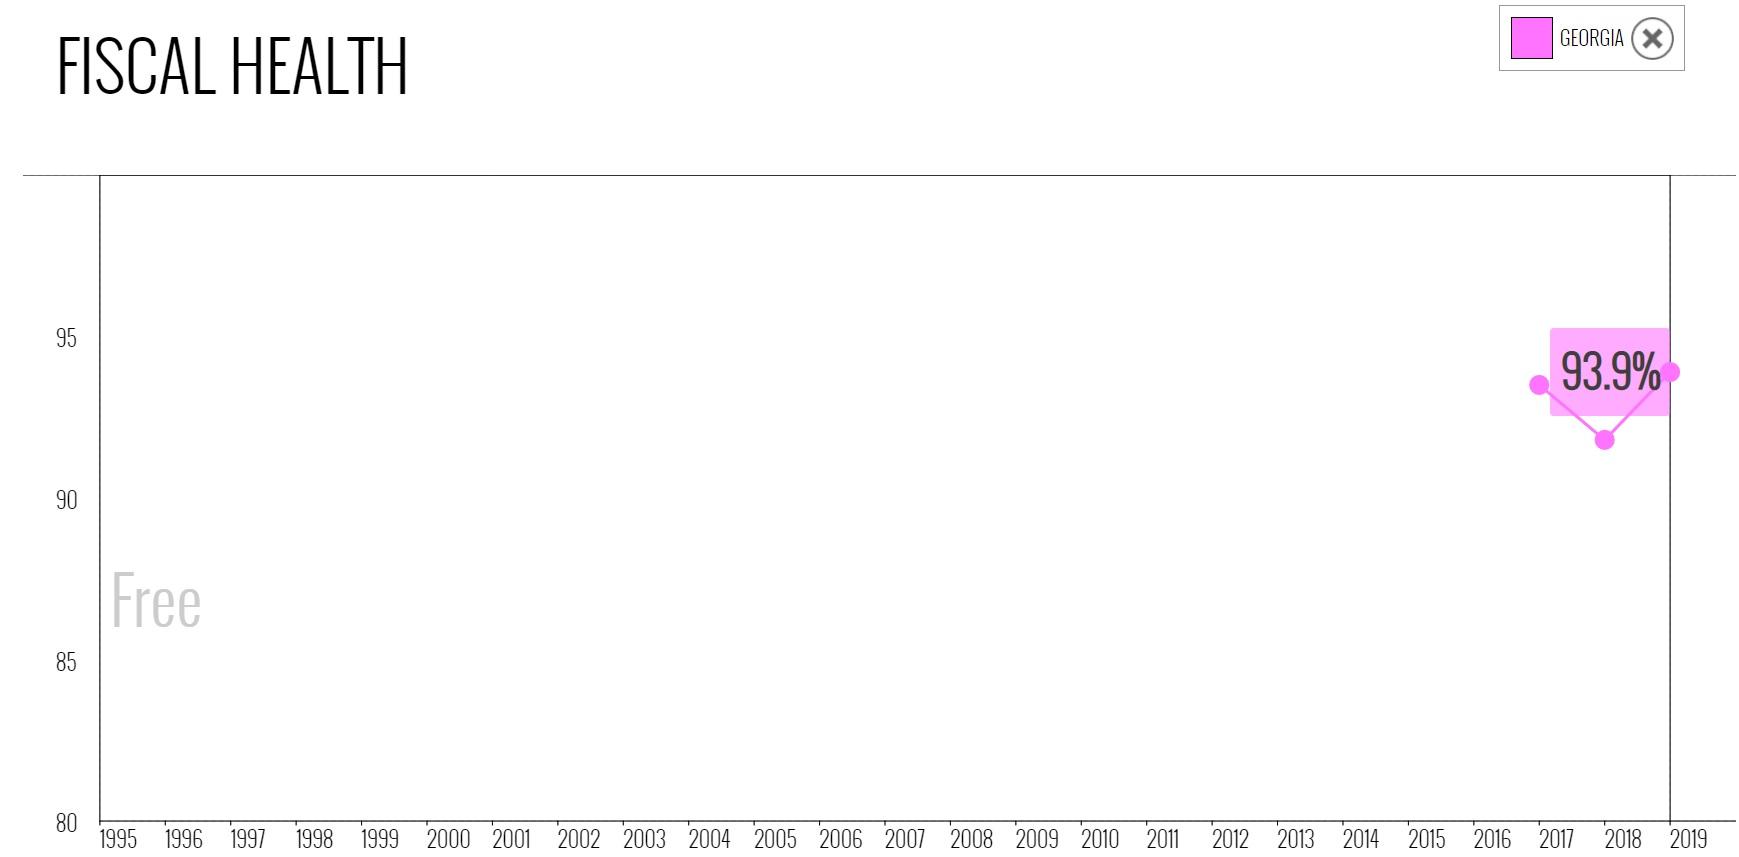 نمودار شاخص موضوع بهداشت مالی در گرجستان در میان سالهای 1995 تا 2019